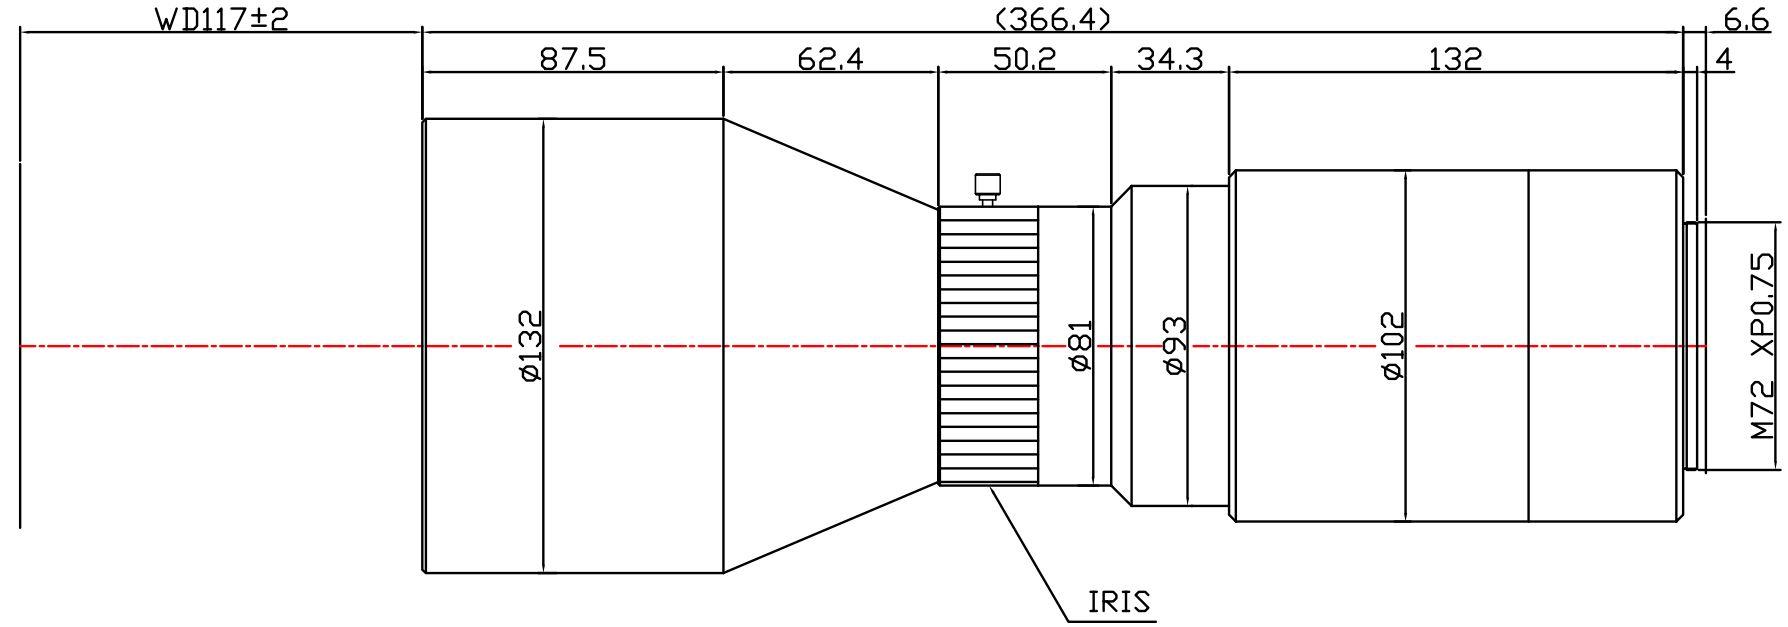 Lensagon TL12K-07-117I